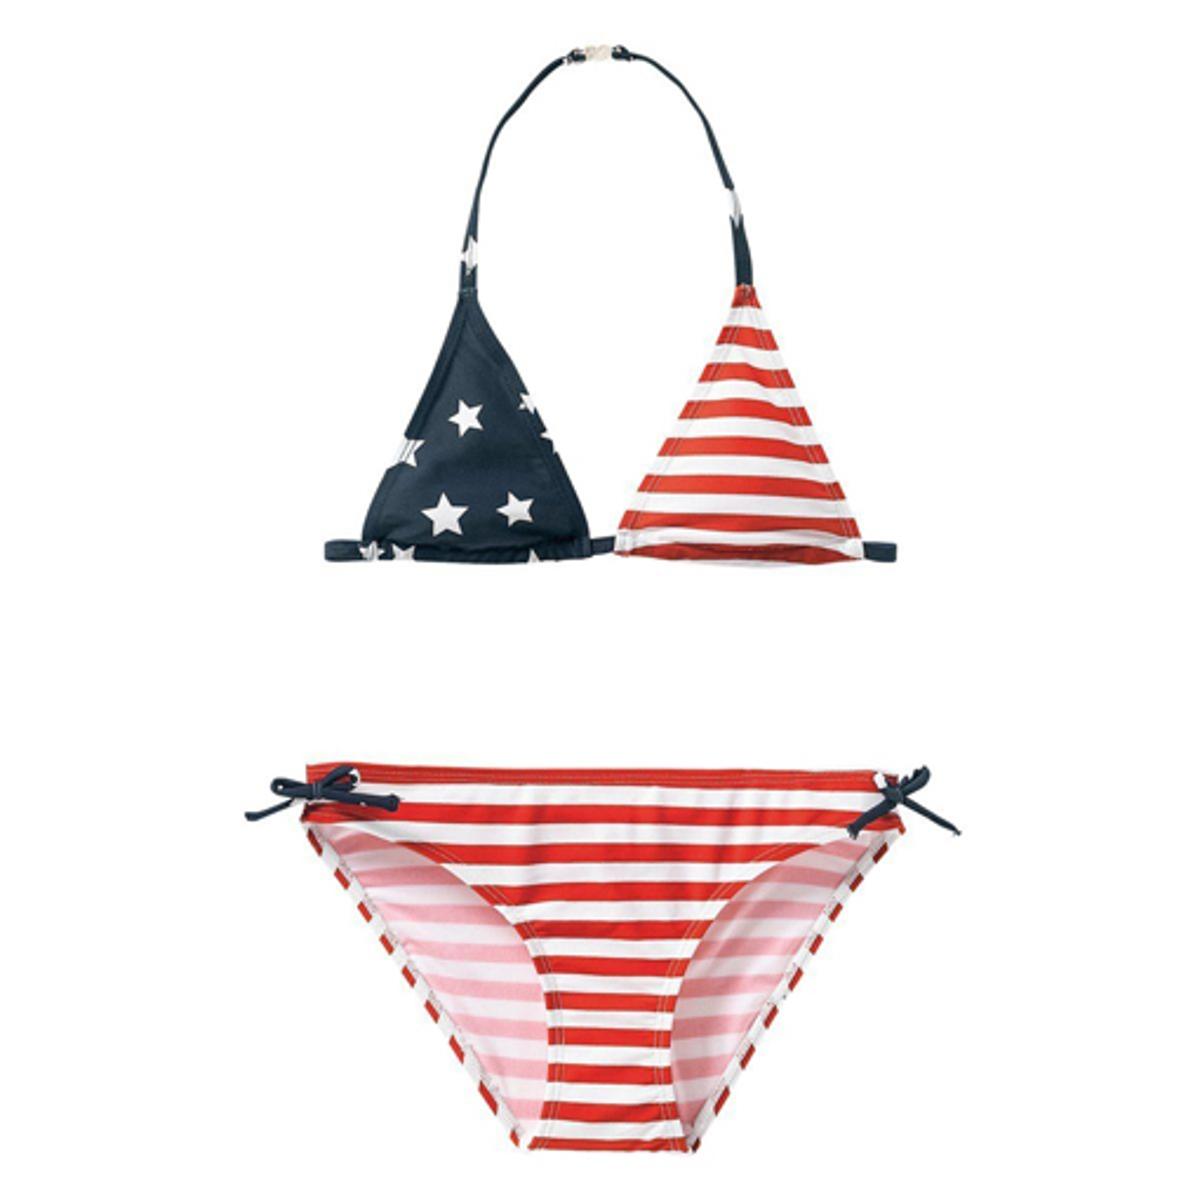 Фото - Купальник La Redoute Раздельный с рисунком американский флаг 16 лет - 162 см красный купальник раздельный in extenso